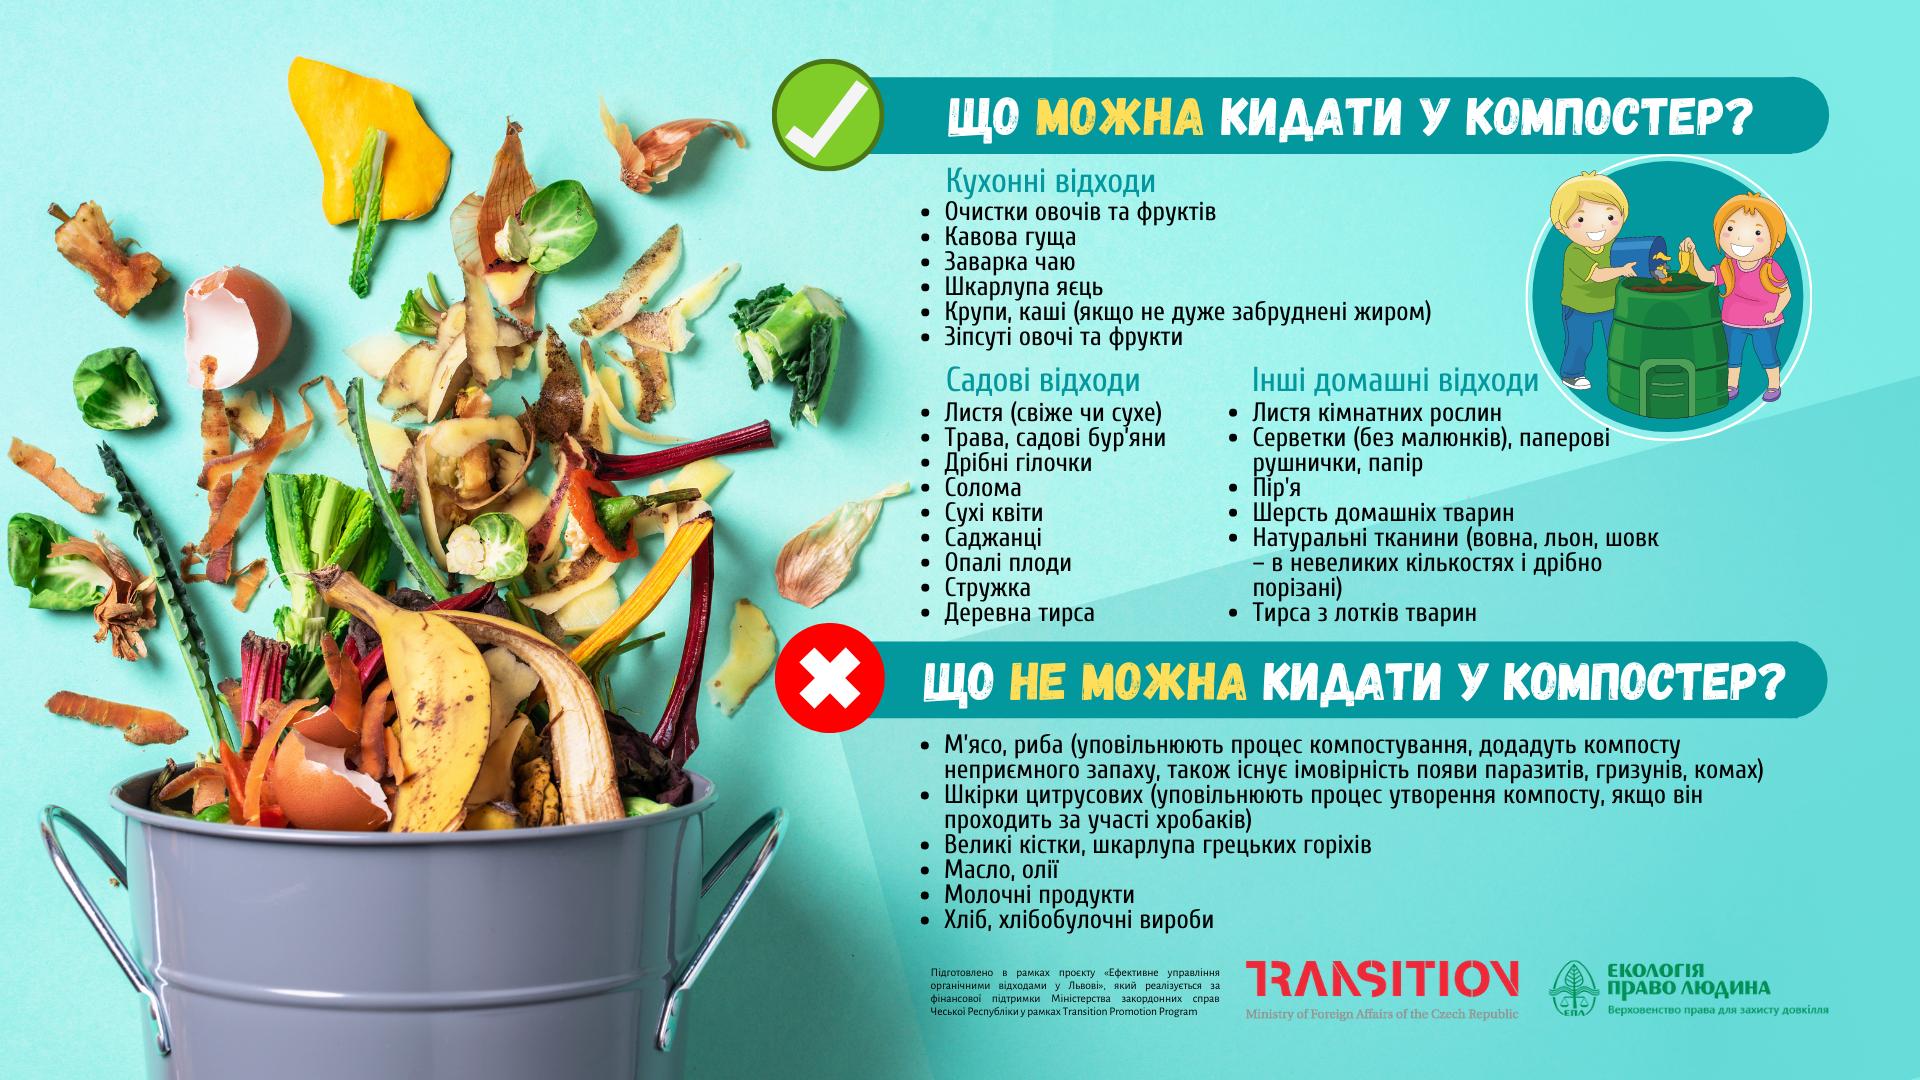 shho-mozhna-kydaty-u-komposter